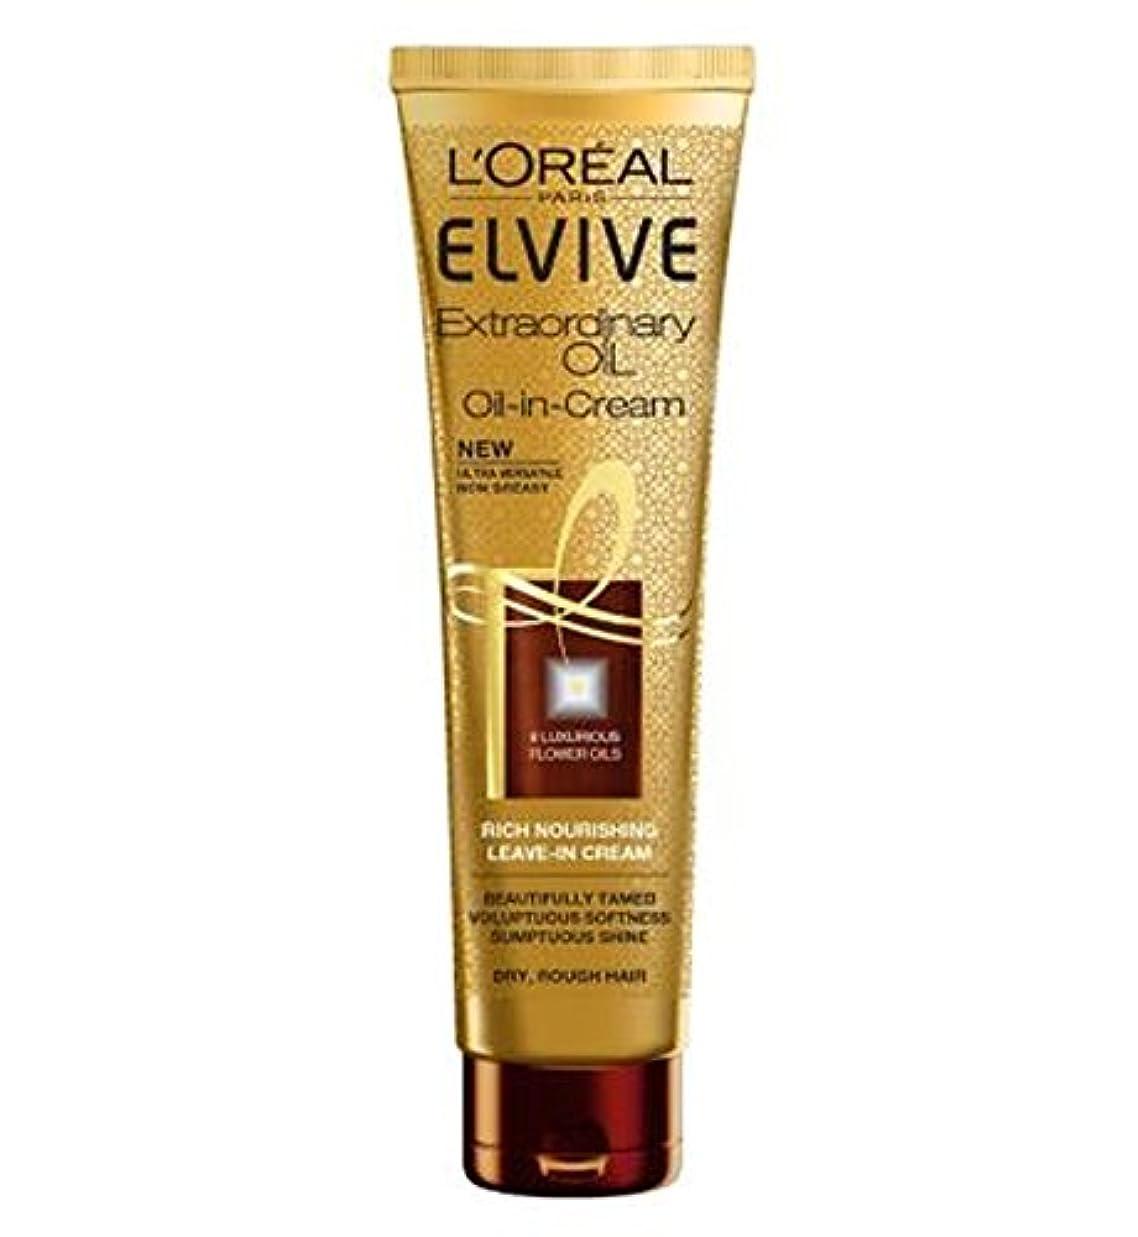 アーサーコナンドイル血色の良い大量クリーム乾いた髪でロレアルパリElvive臨時オイル (L'Oreal) (x2) - L'Oreal Paris Elvive Extraordinary Oil in Cream Dry Hair (Pack of...